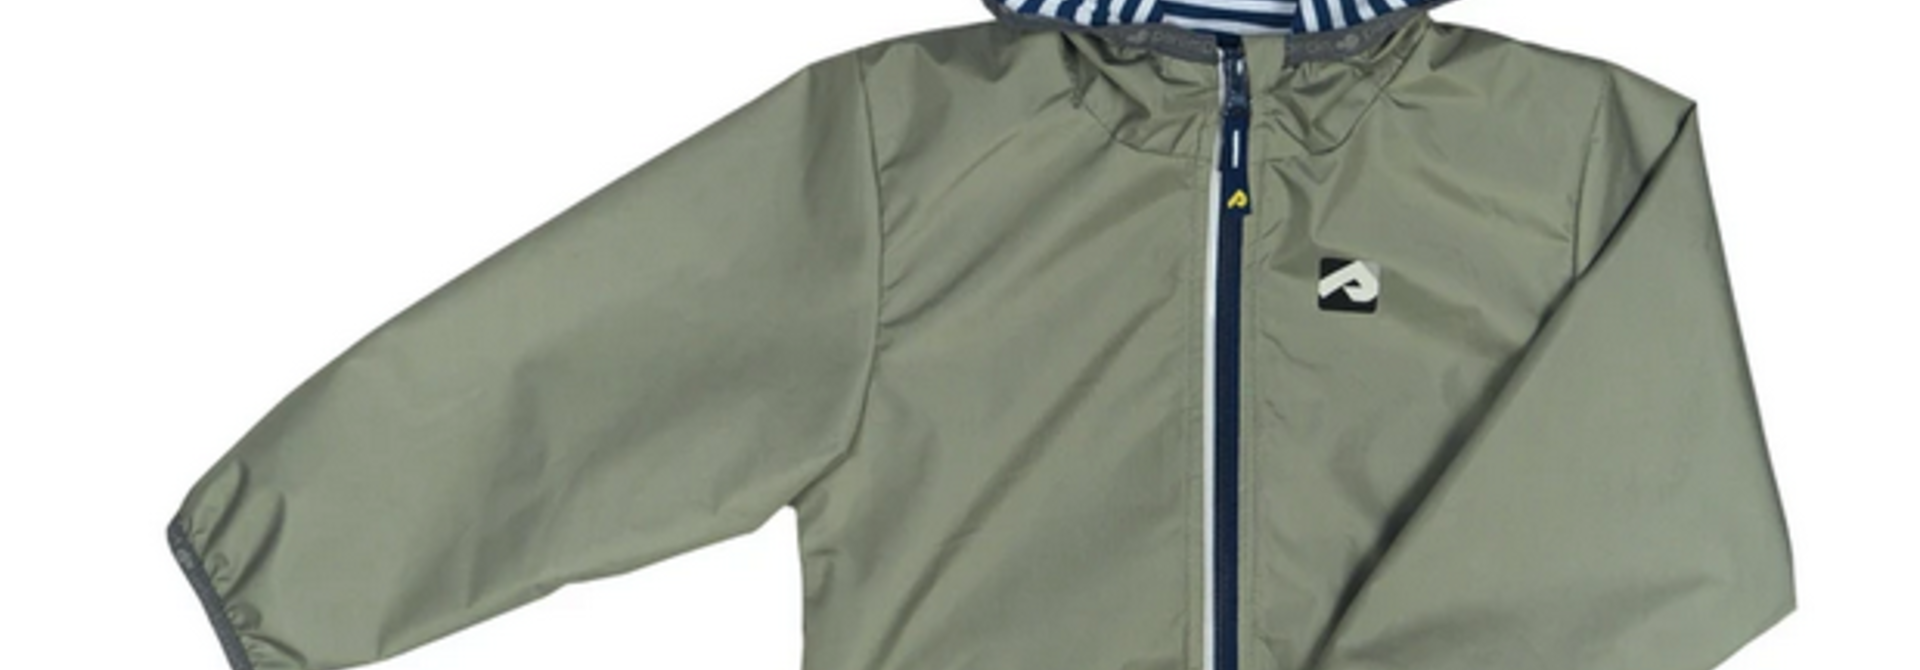 Manteau mi-saison - Kaki